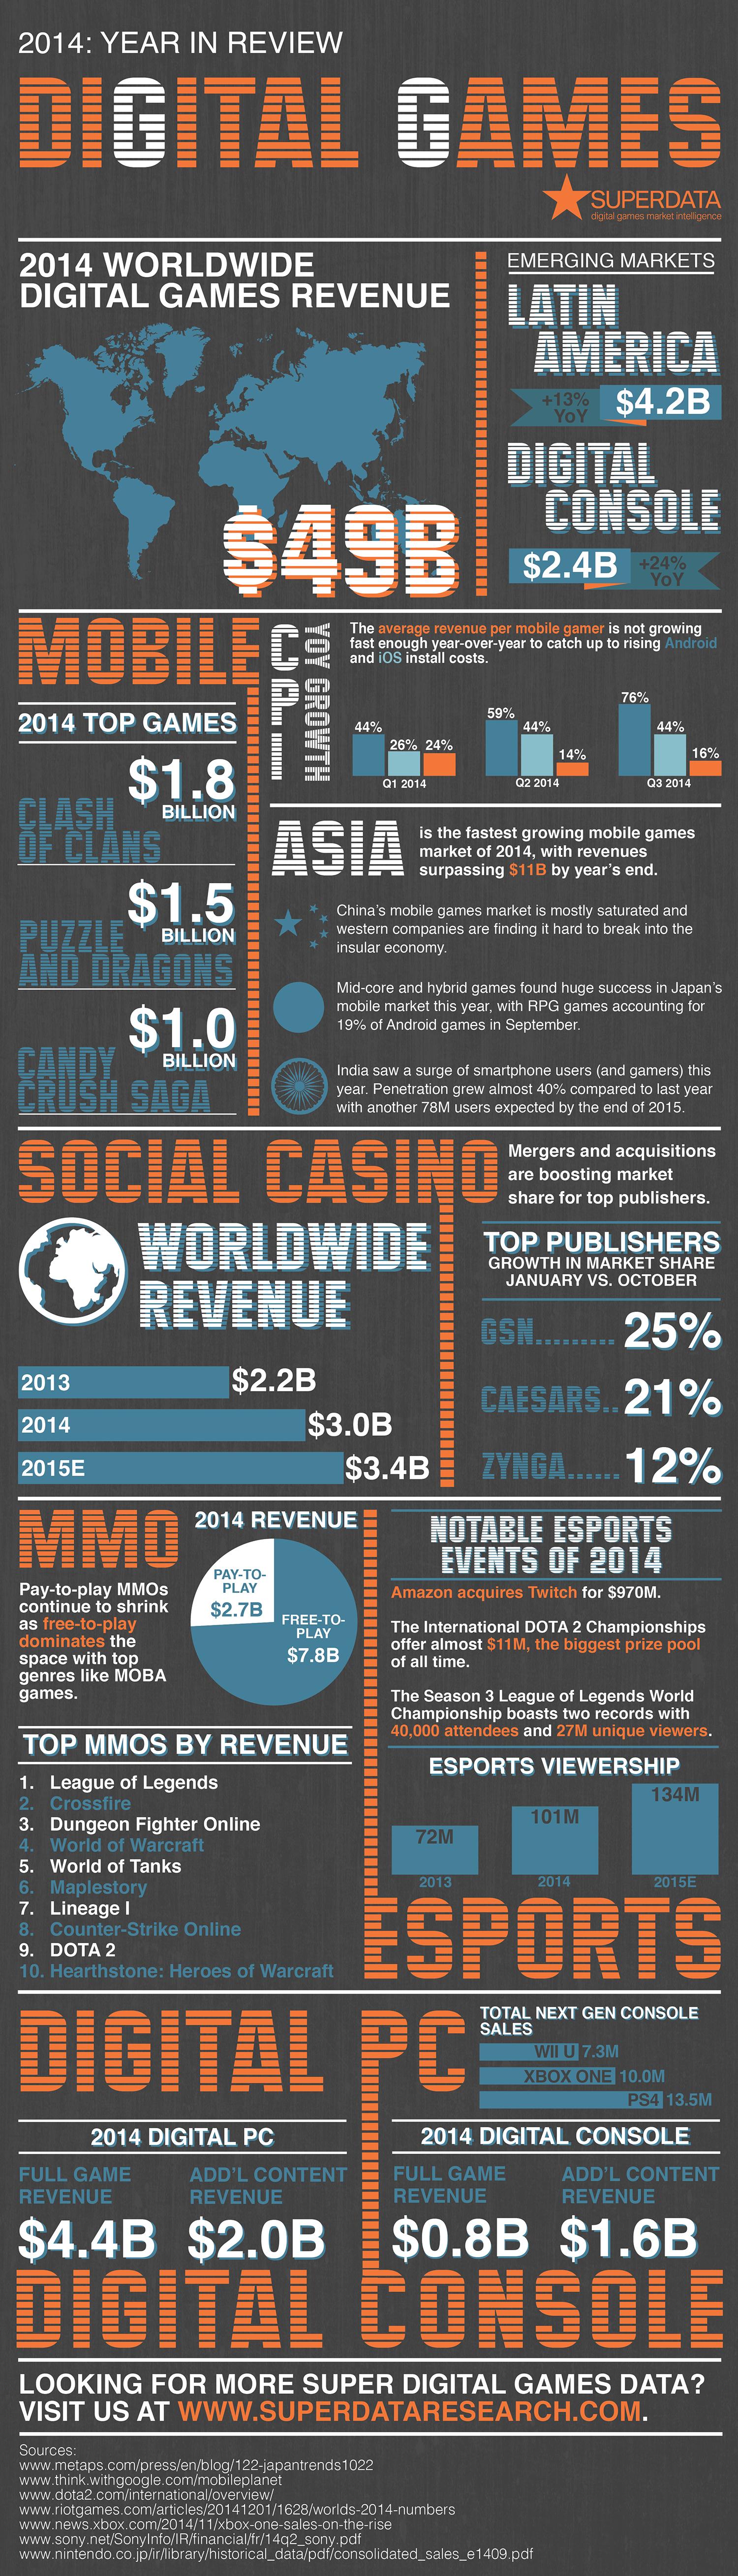 Инфографика: Самые доходные игры 2014 года